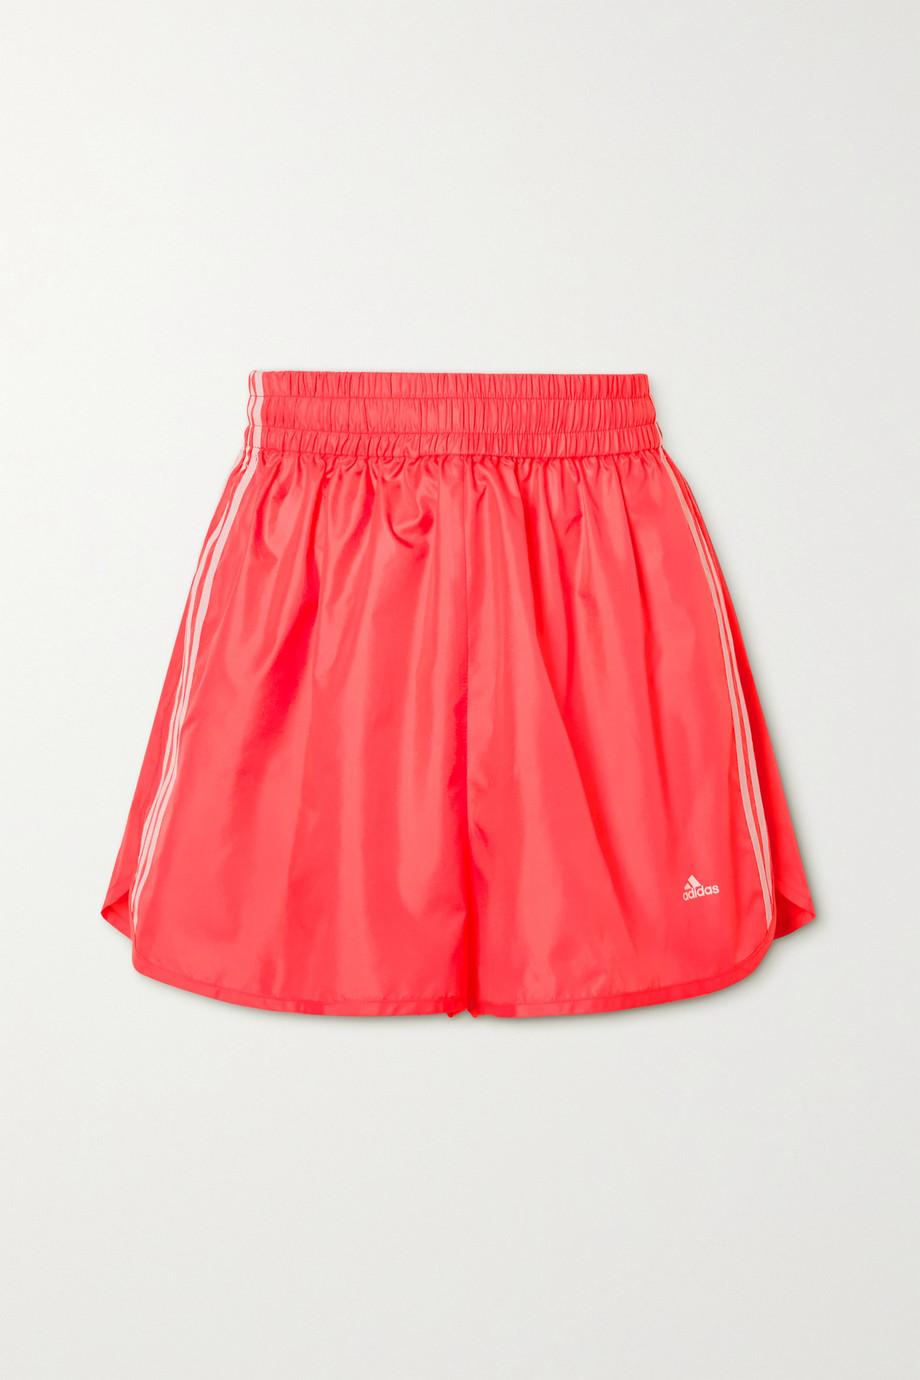 Stella McCartney + adidas Originals Josie neon striped shell shorts